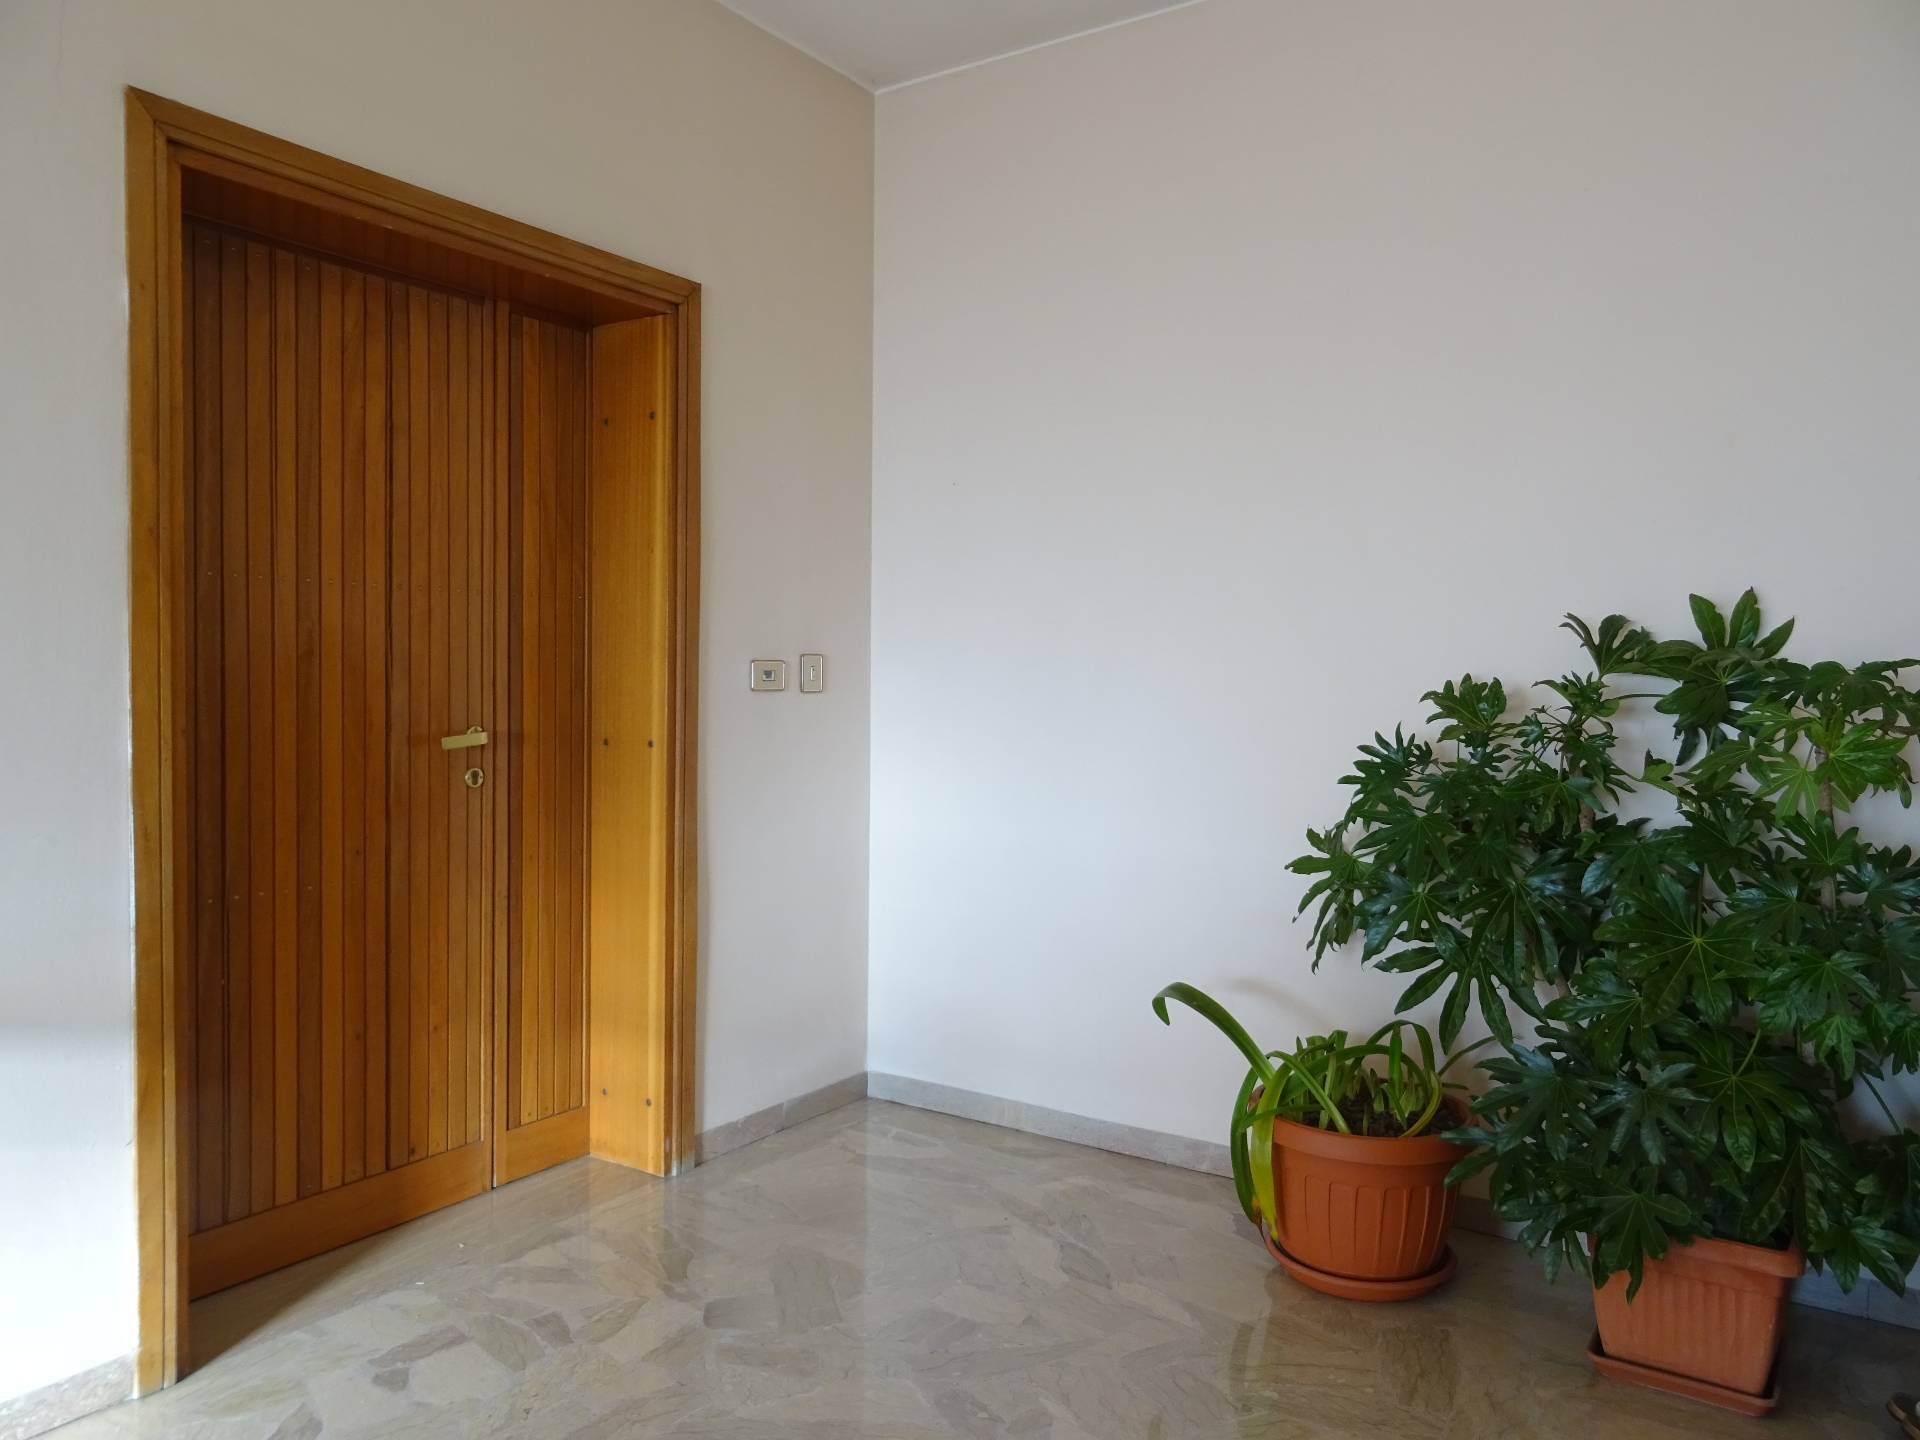 Appartamento in vendita a Muzzana del Turgnano, 5 locali, prezzo € 66.000 | CambioCasa.it